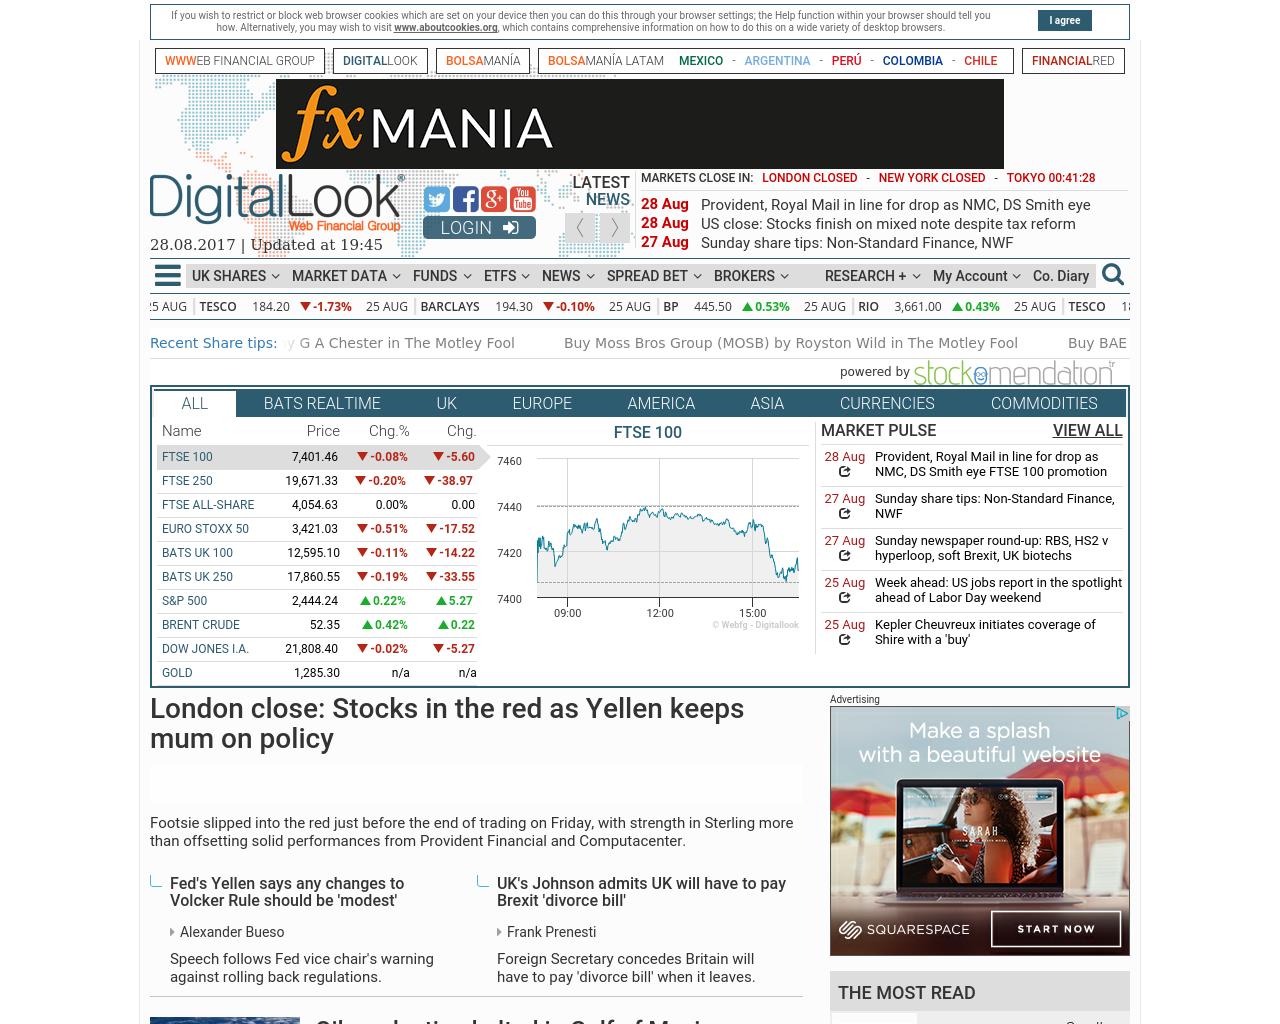 Digital-Look-Advertising-Reviews-Pricing